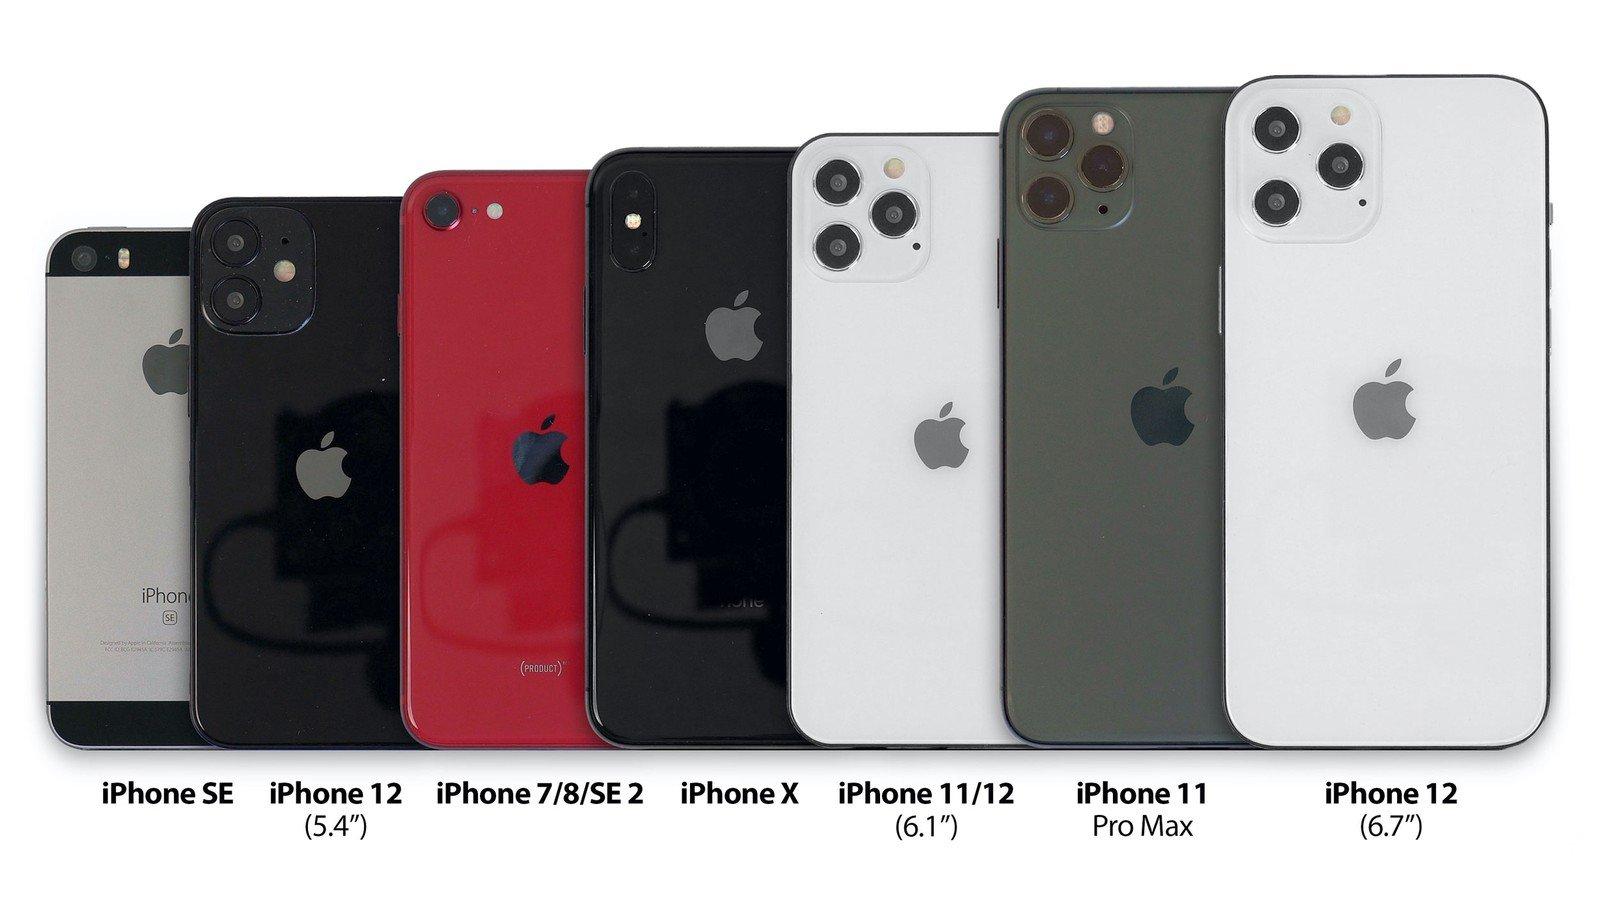 Сравнение iPhone 12 5.4 дюйма с размерами Apple iPhone SE, 7, 8, SE 2, X, 11, 11 Pro и 11 Pro Max